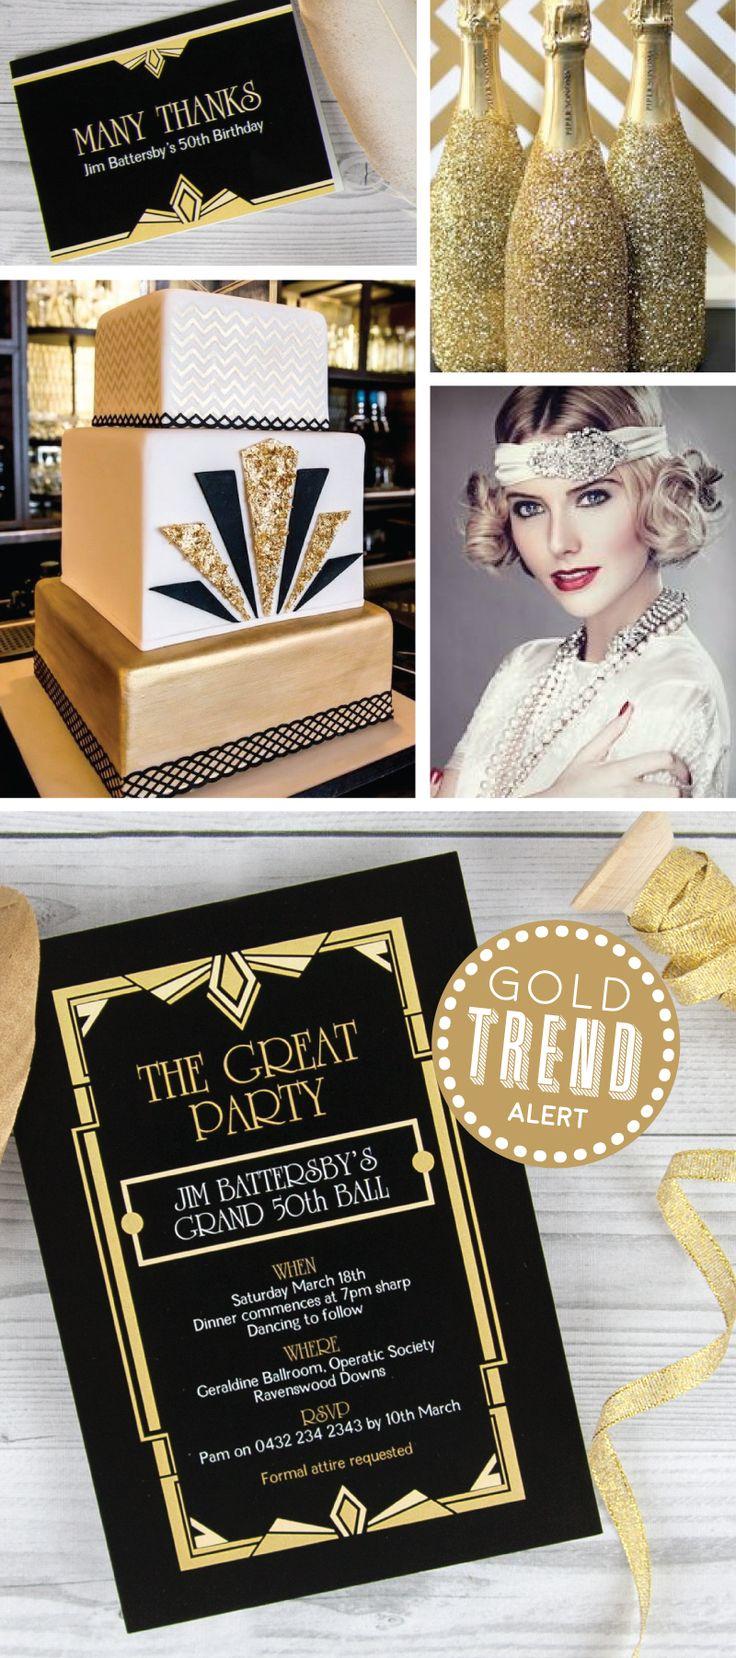 Great Gatsby Party decoratie. We decoreren de locatie met grote vazen met zwarte veren, gouden ballonnen, cocktail glazen met parels en sokkels met mooie bloemdecoraties. De ene locatie heeft wat meer aankleding nodig, terwijl de andere turn-key is.